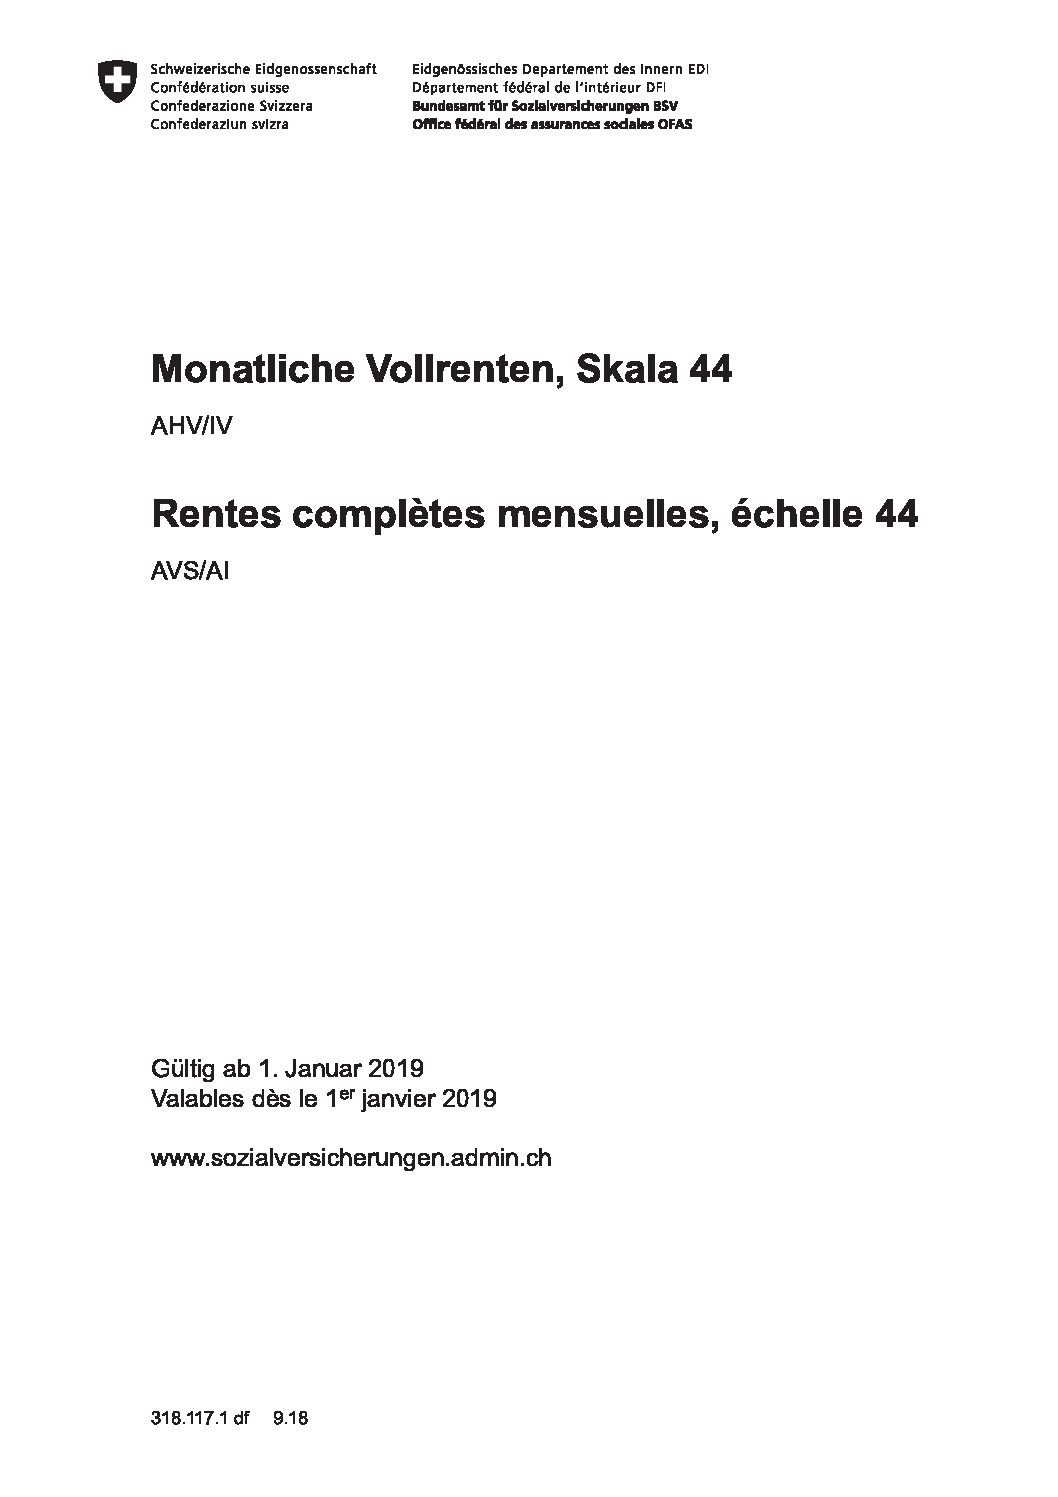 AHV/IV - Skala 44